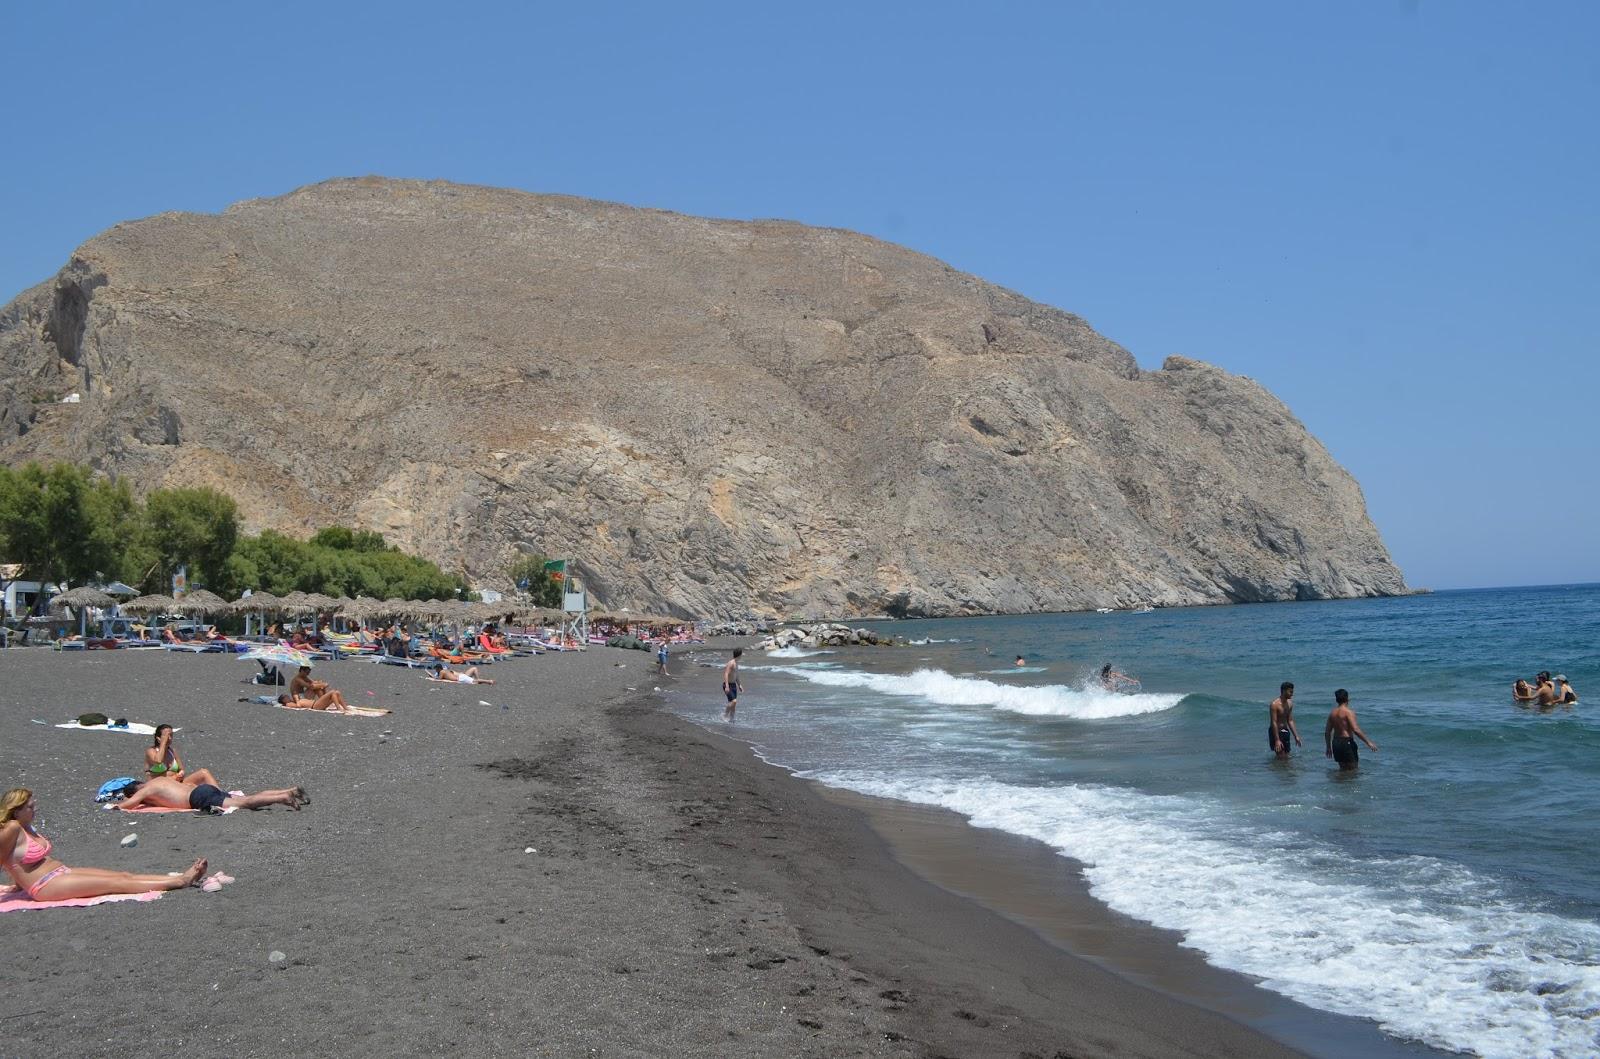 Praia de areia preta? Também existe, venha saber onde fica